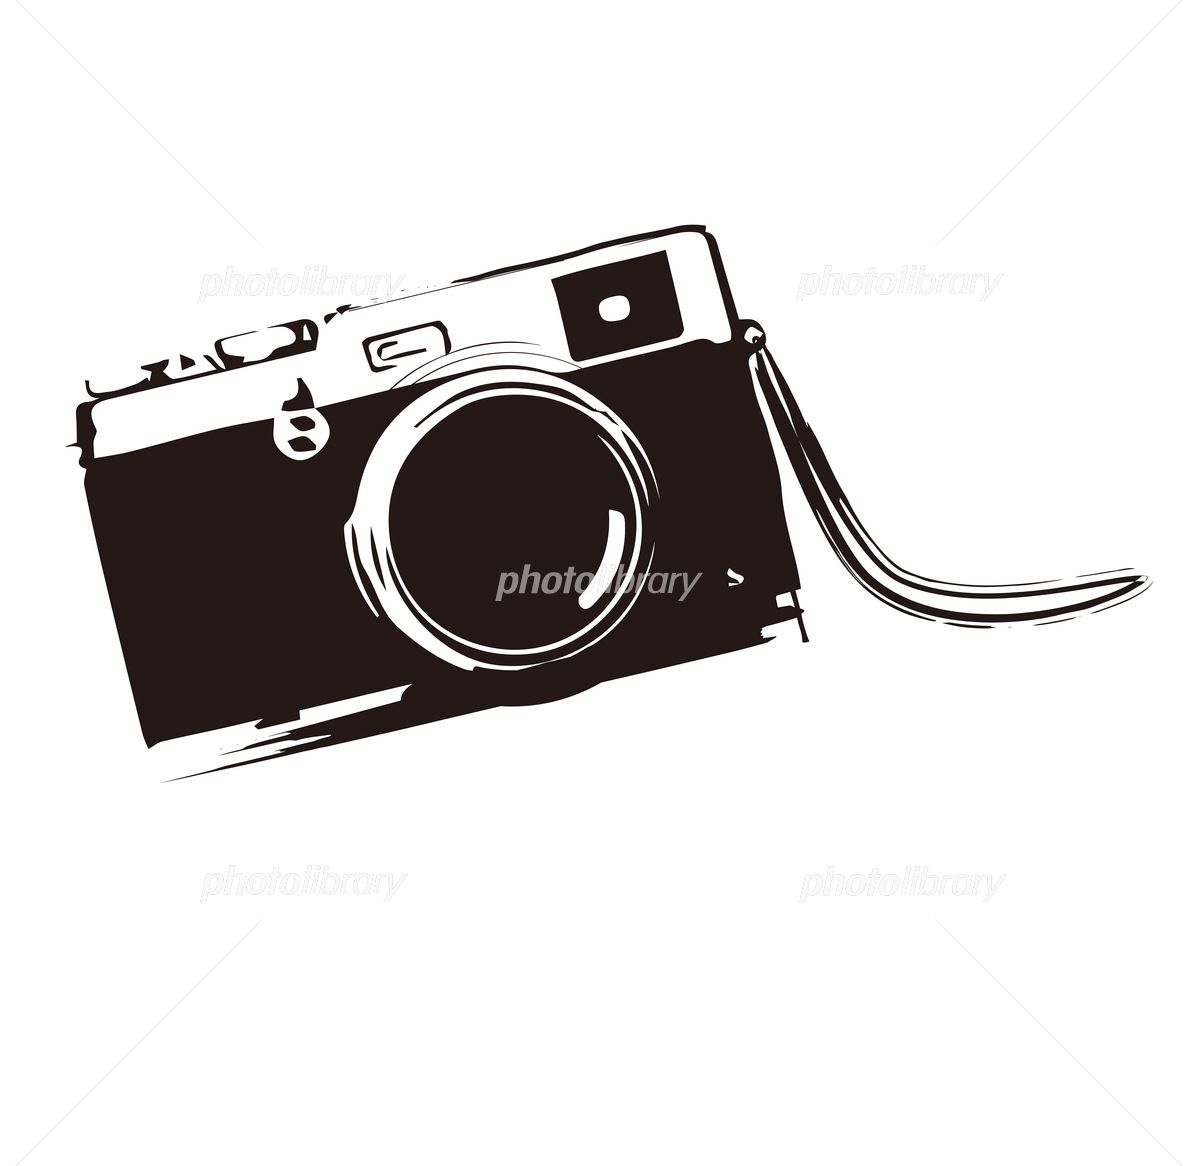 無料イラスト 春夏秋冬 最も検索された カメラ イラスト 無料 素材 無料 イラスト イラスト 手書き イラスト